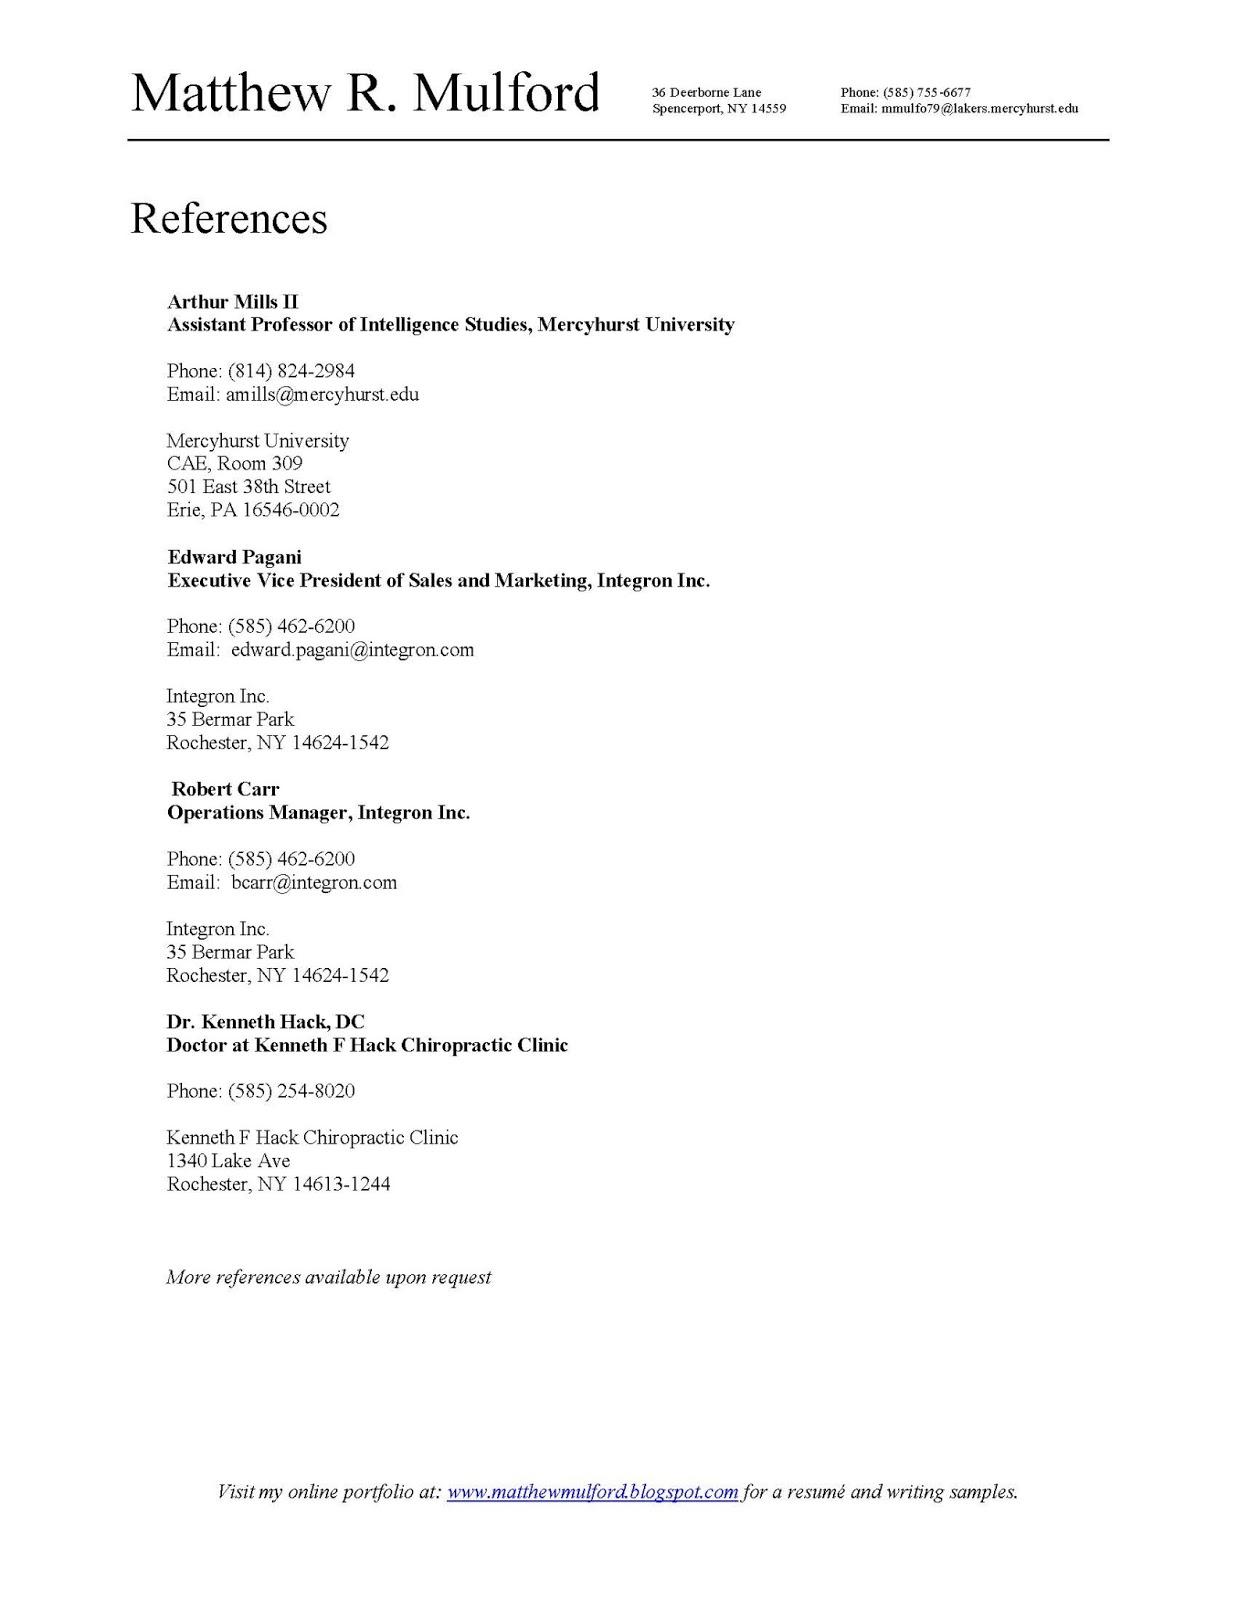 resume list Cerescoffeeco